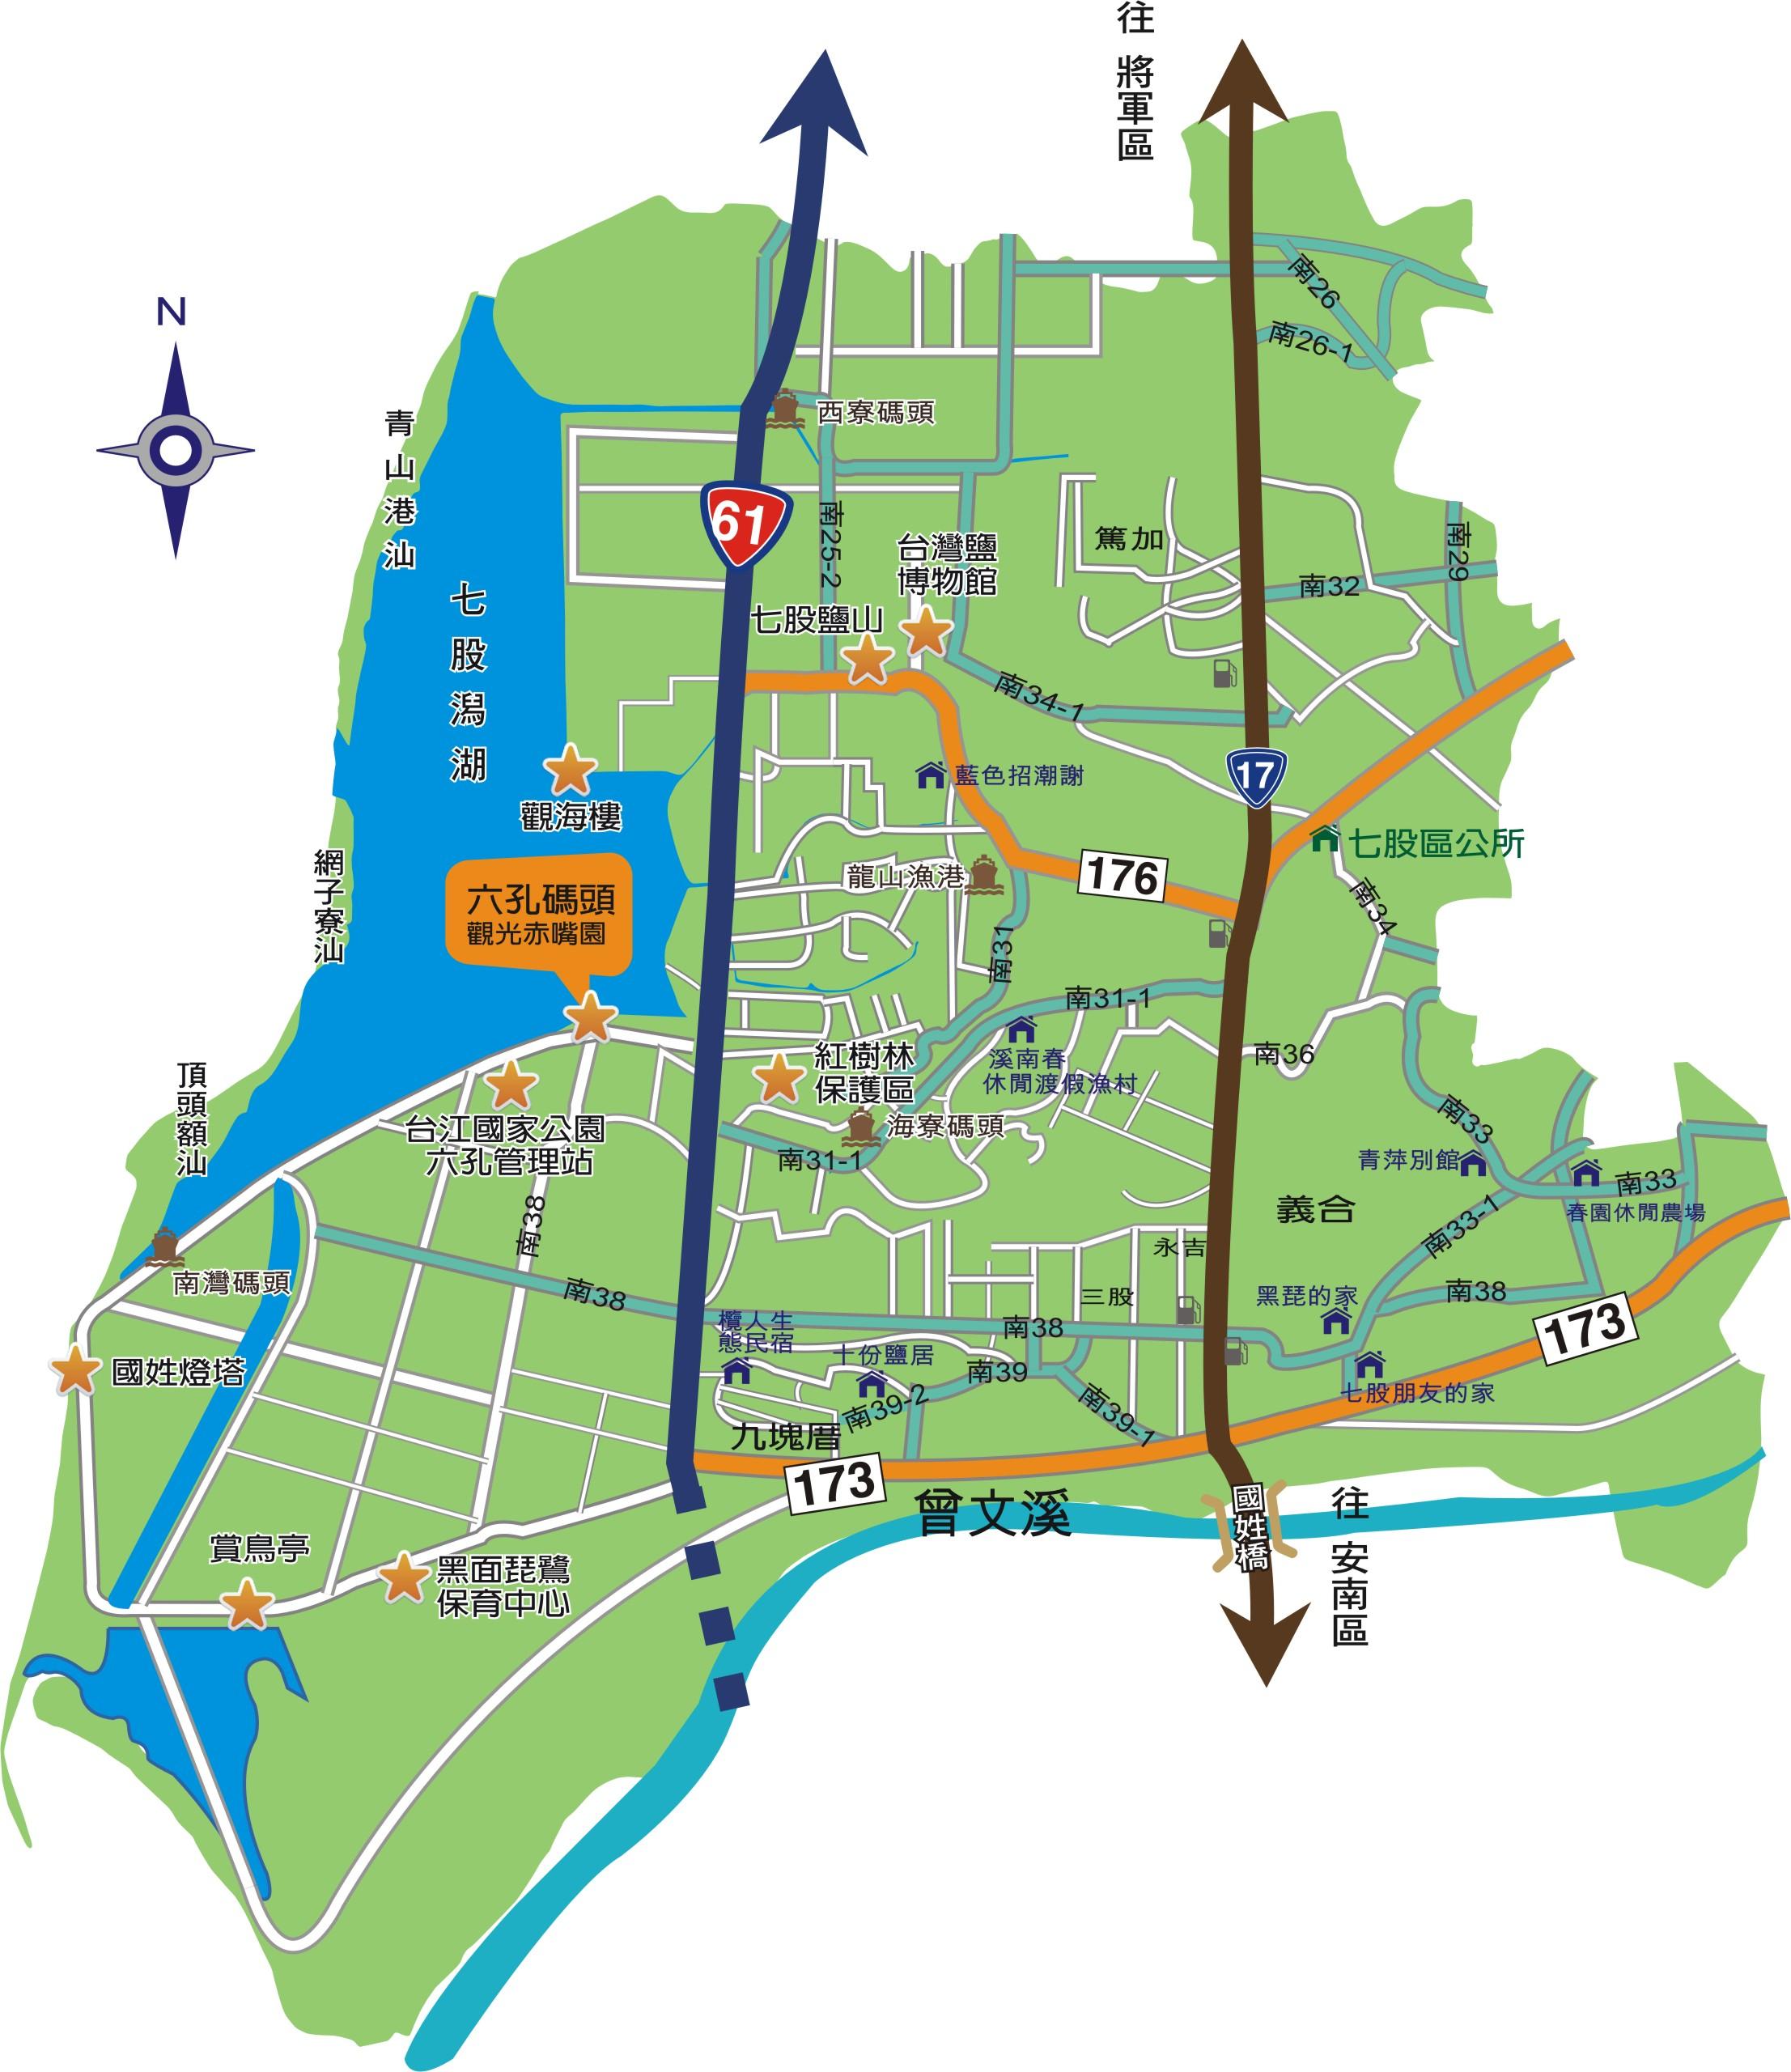 七股區公所位置圖